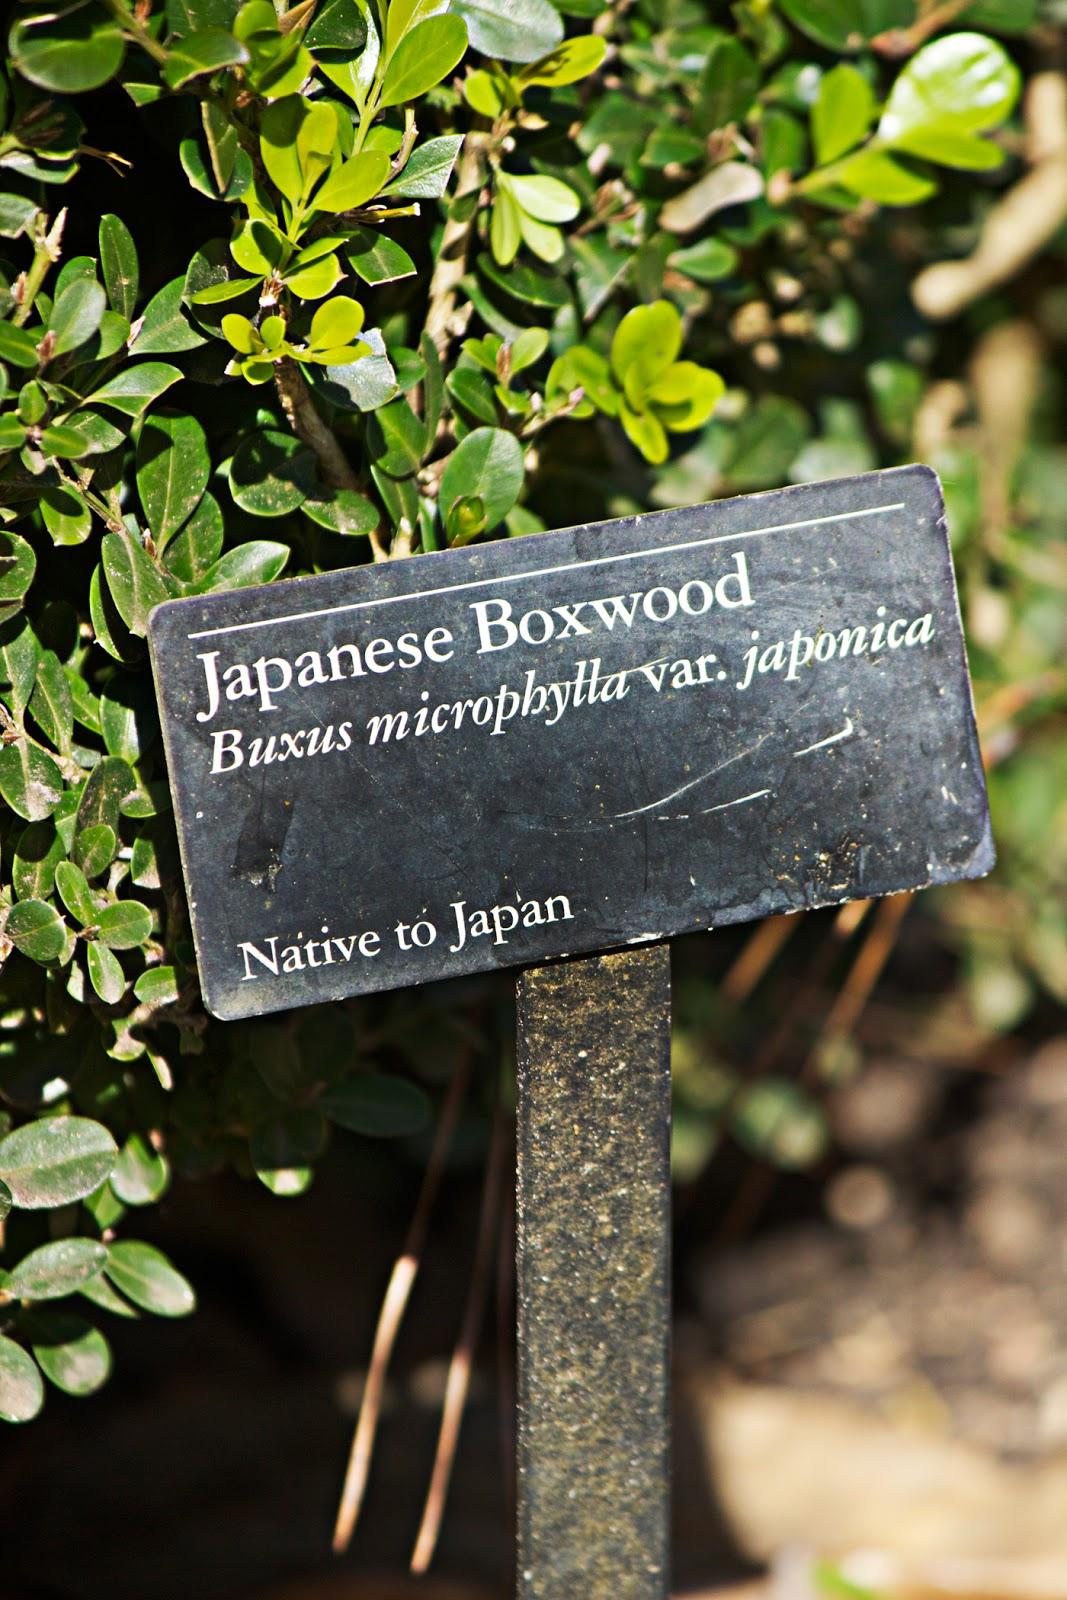 japanese boxwood plant - photo copyright Allison Beth Cooling